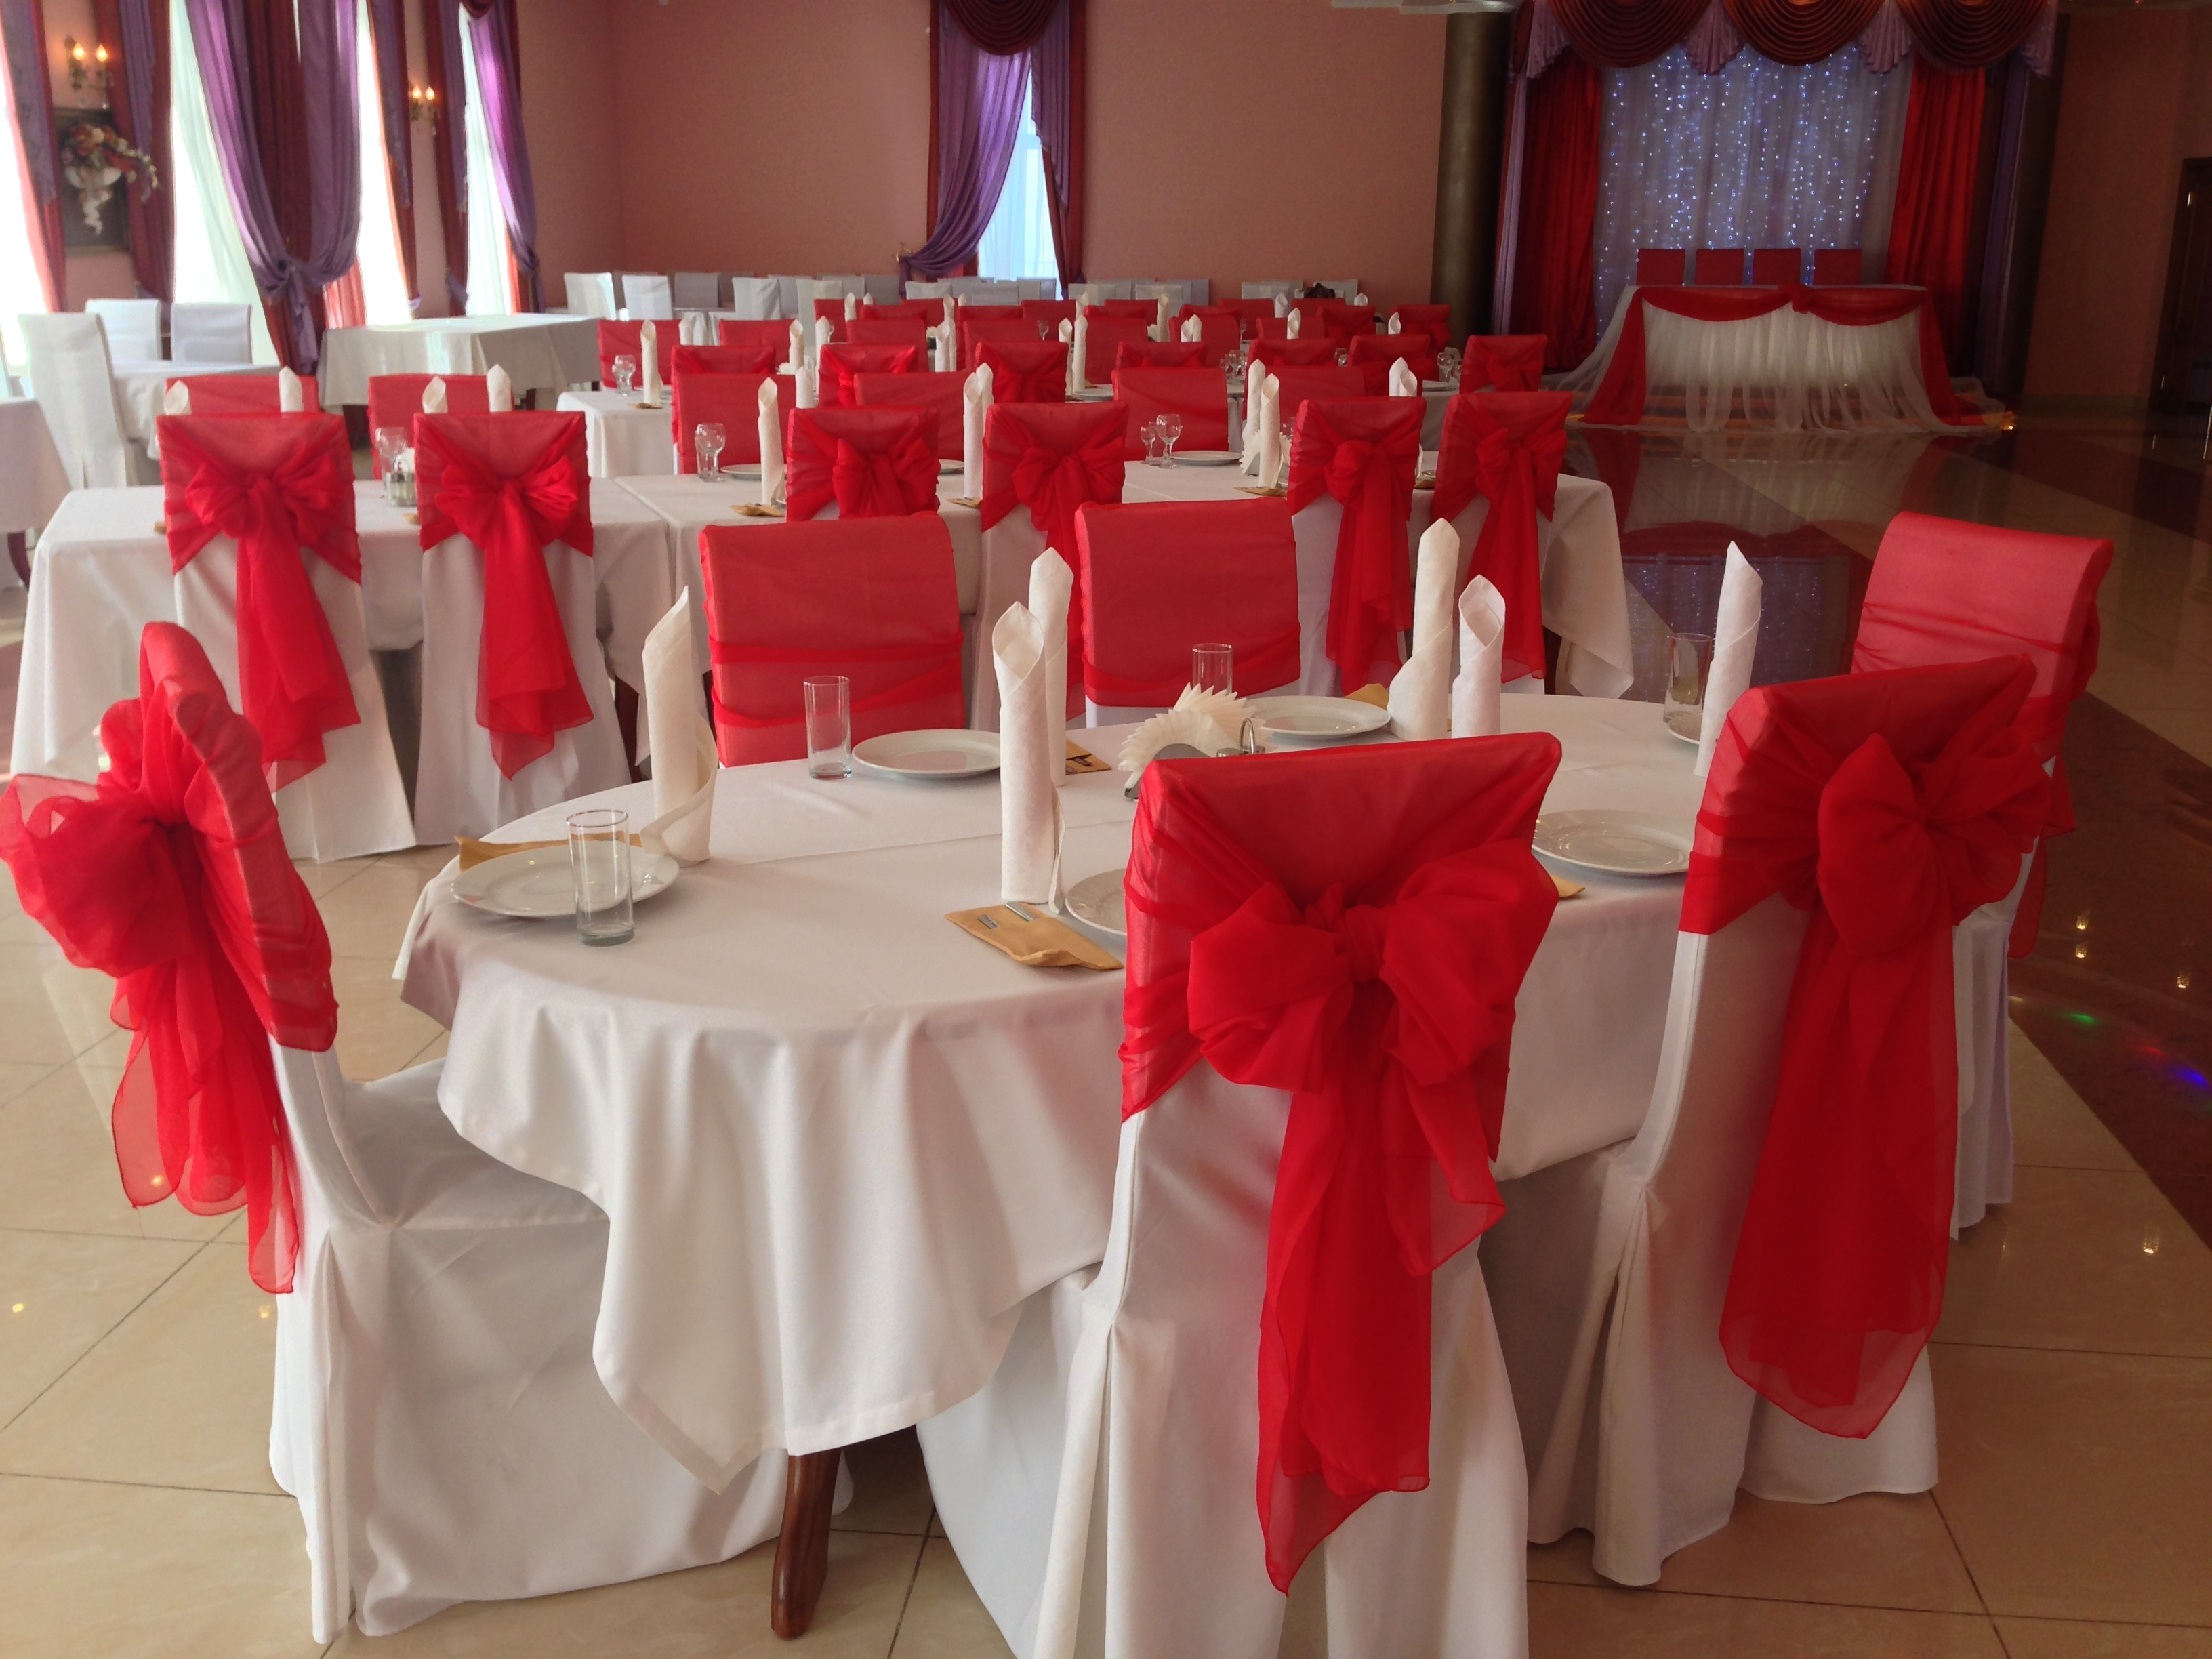 Текстиль позволяет оформить пространство изысканно и в соответствии с концепцией ресторана.